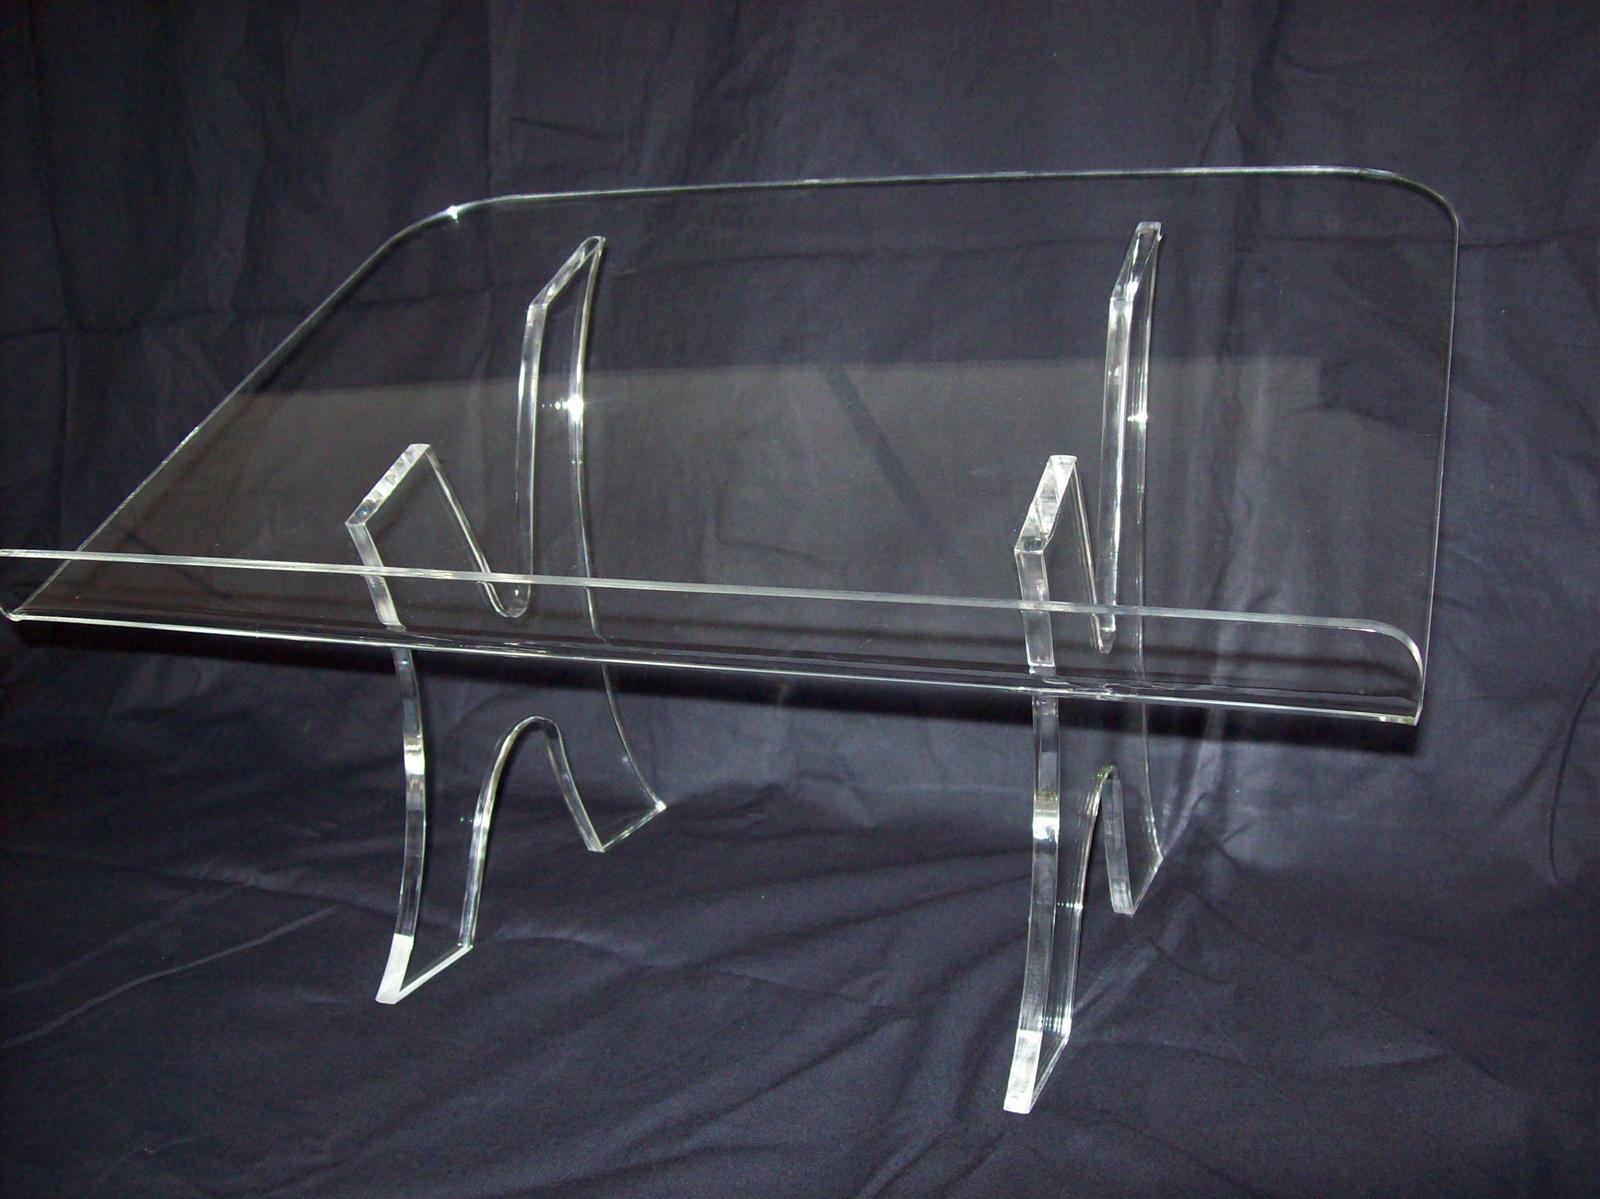 Countertop / Table Top Perspex Lectern